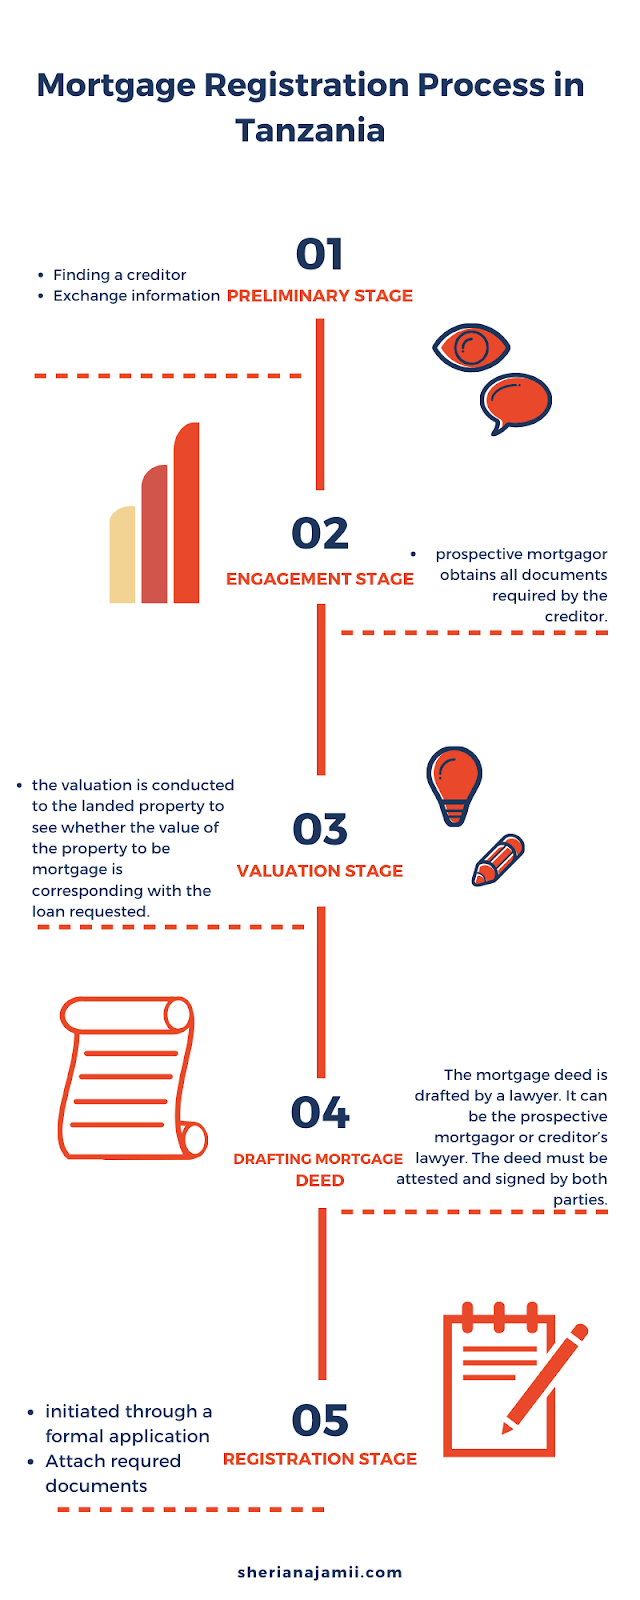 Mortgage Registration Process in Tanzania